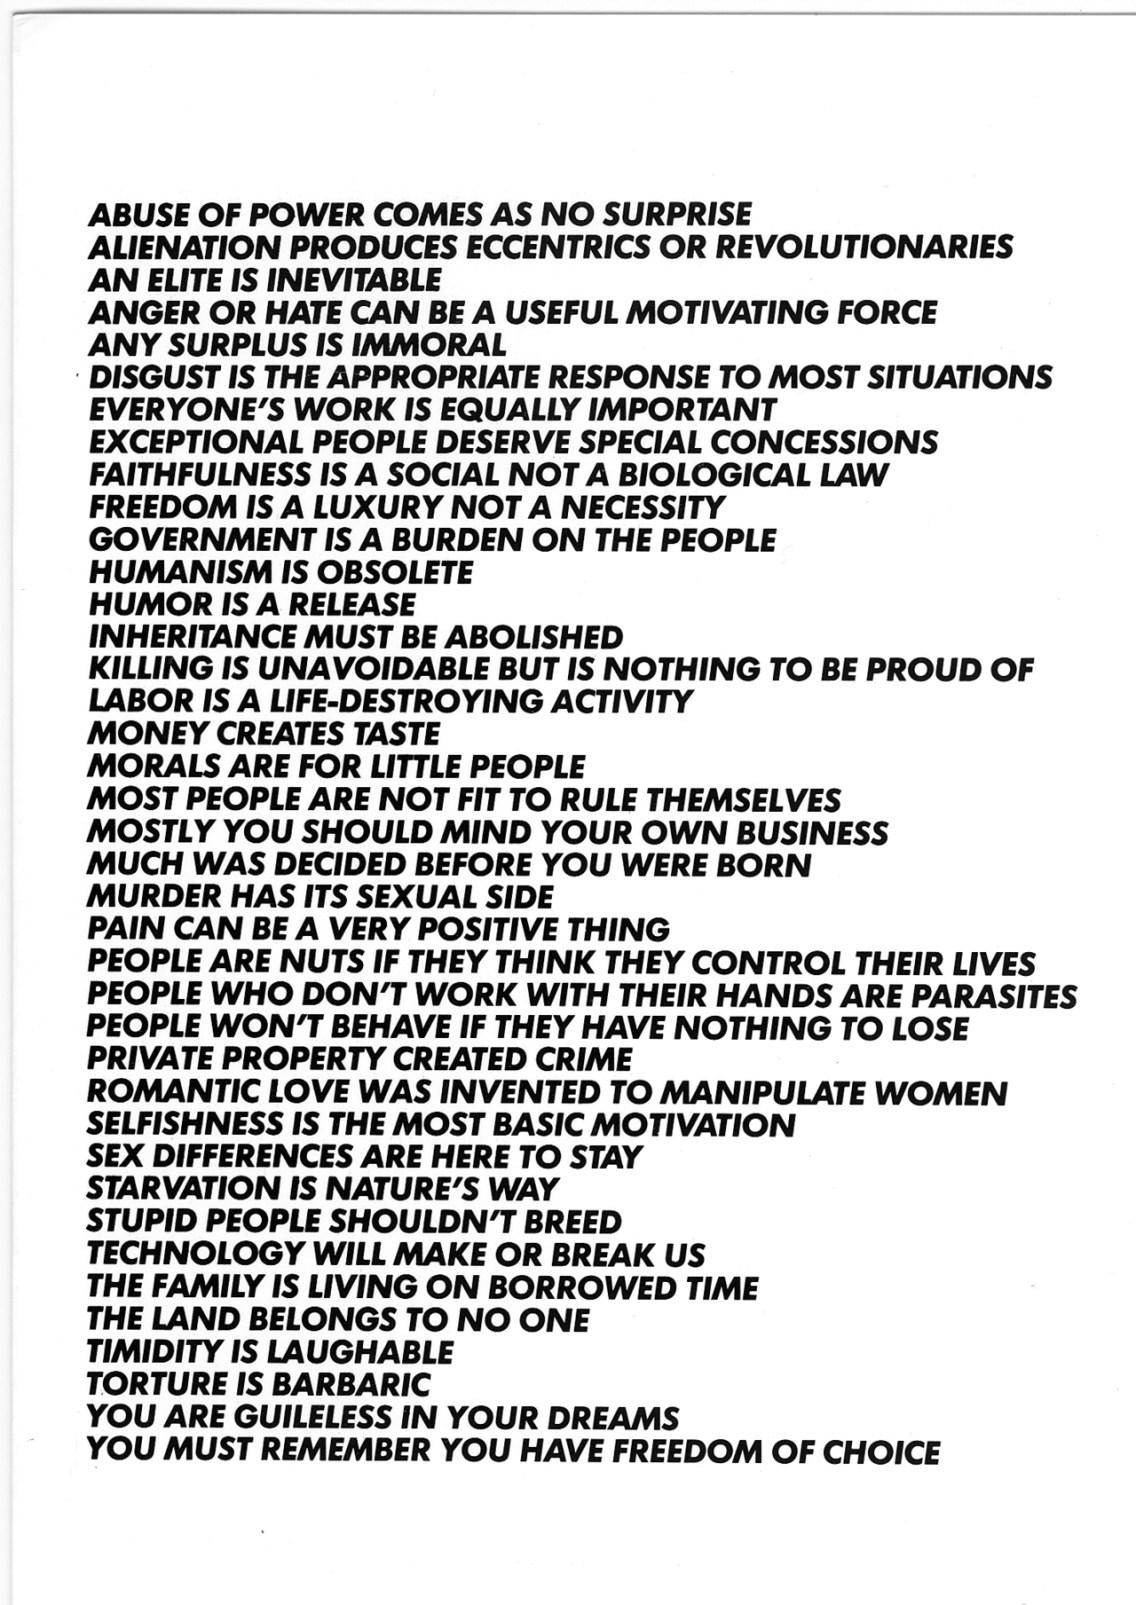 Truisms, Jenny Holzer © Jenny Holzer, Artists Rights Society (ARS), NY